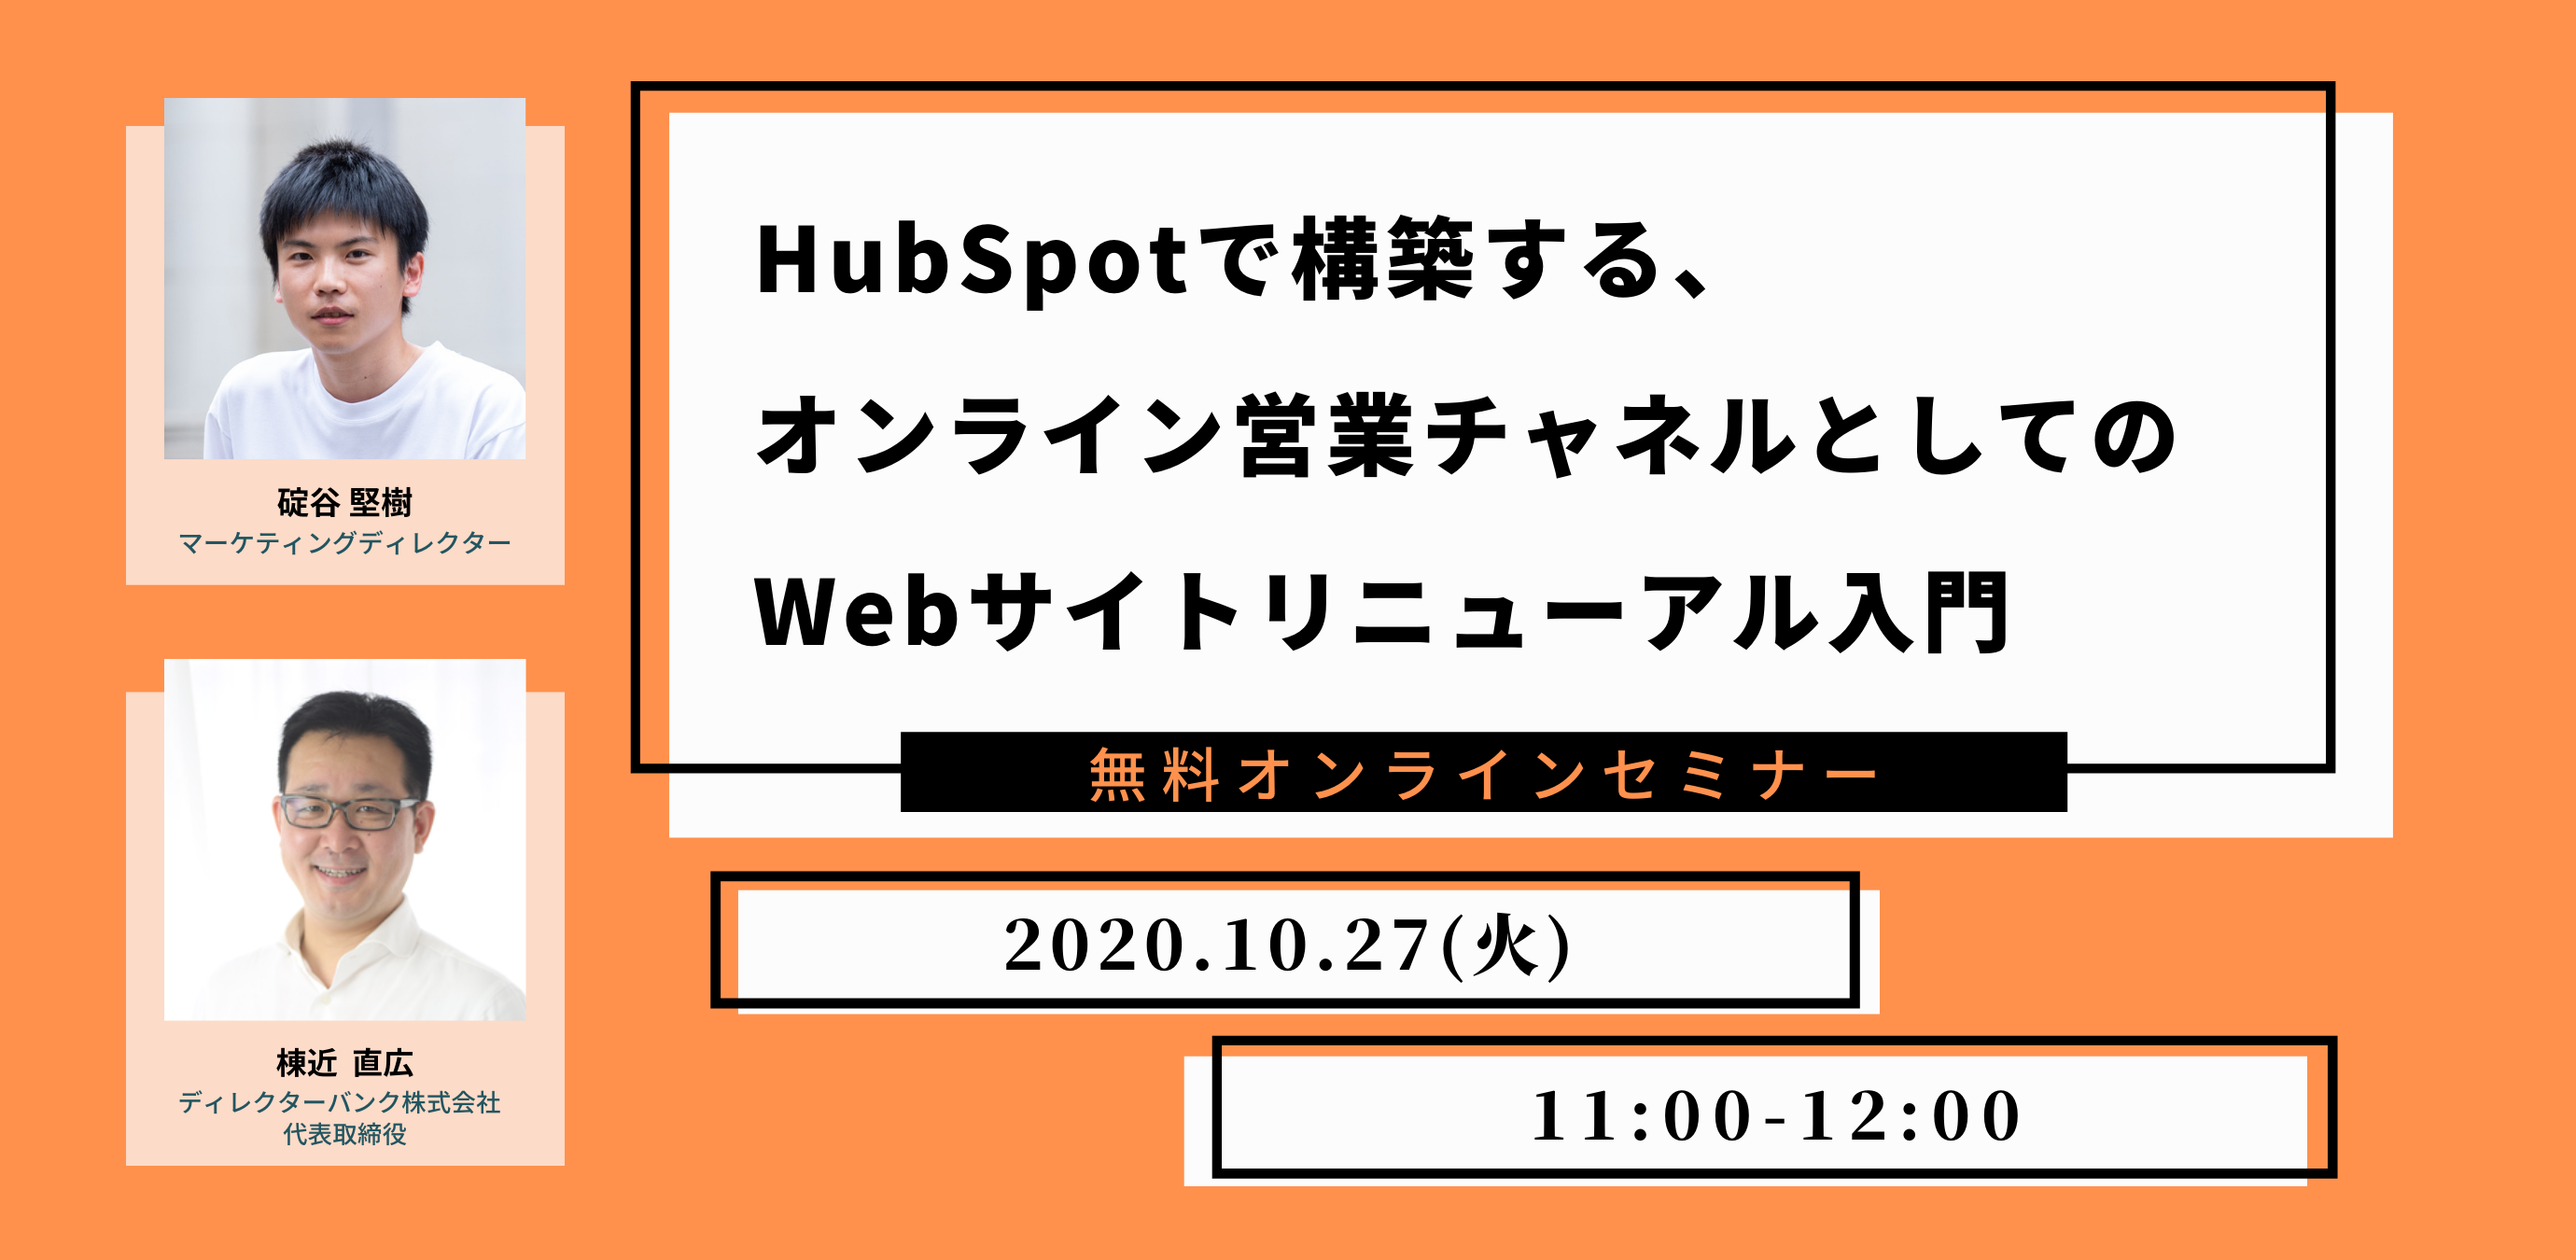 10/27オンラインセミナー)オンライン営業チャネルとしてのWebサイトリニューアル入門